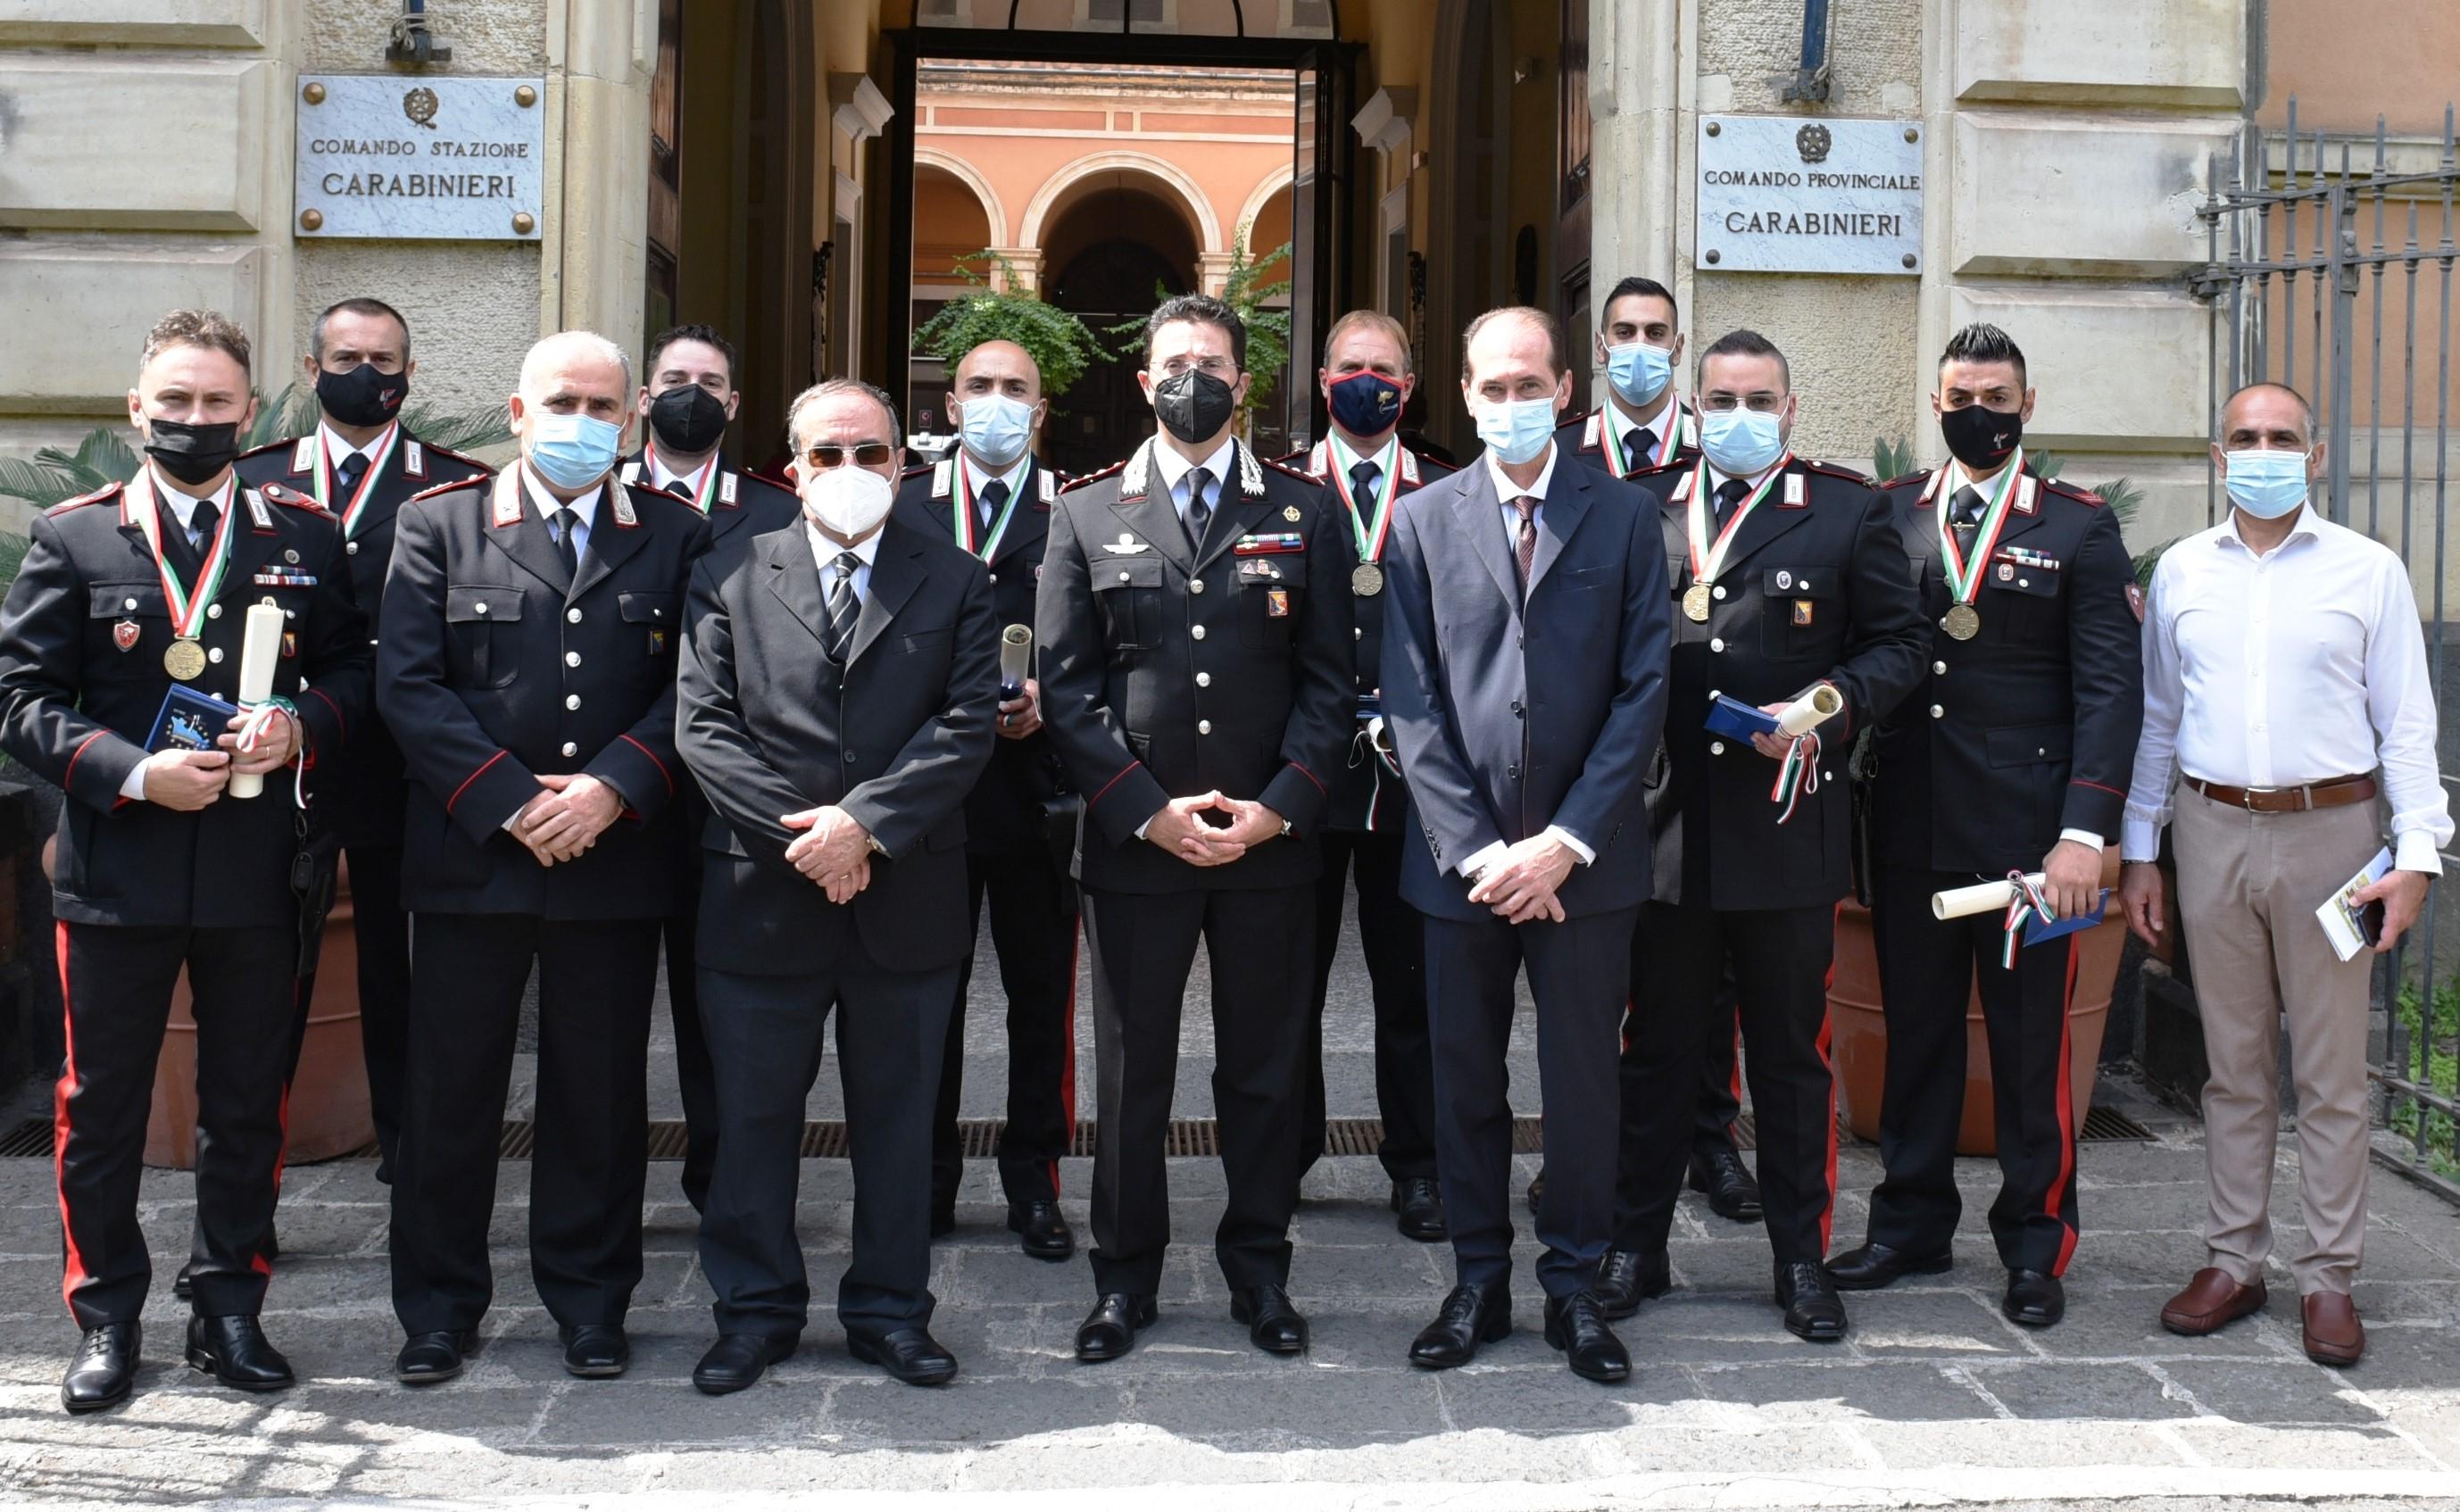 Catania, Difesa e Sicurezza: attestati ai carabinieri del comando provinciale